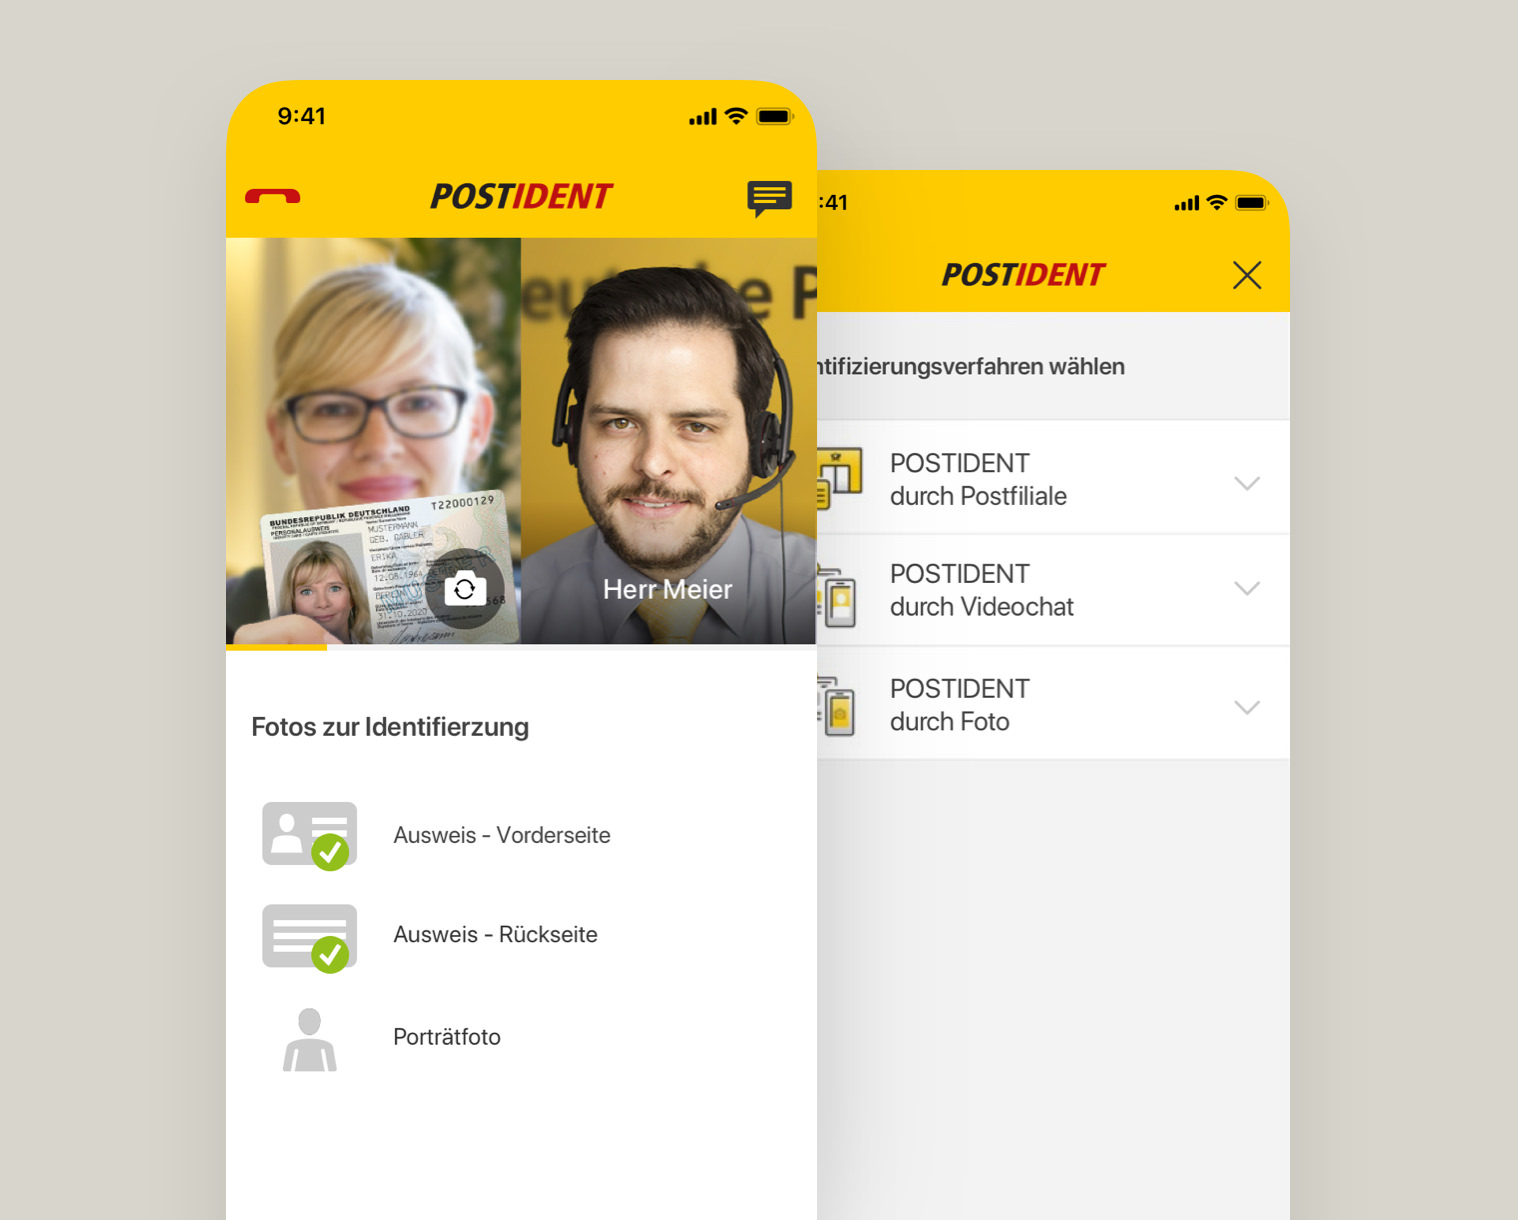 deutsche-post-app-teaser@2x